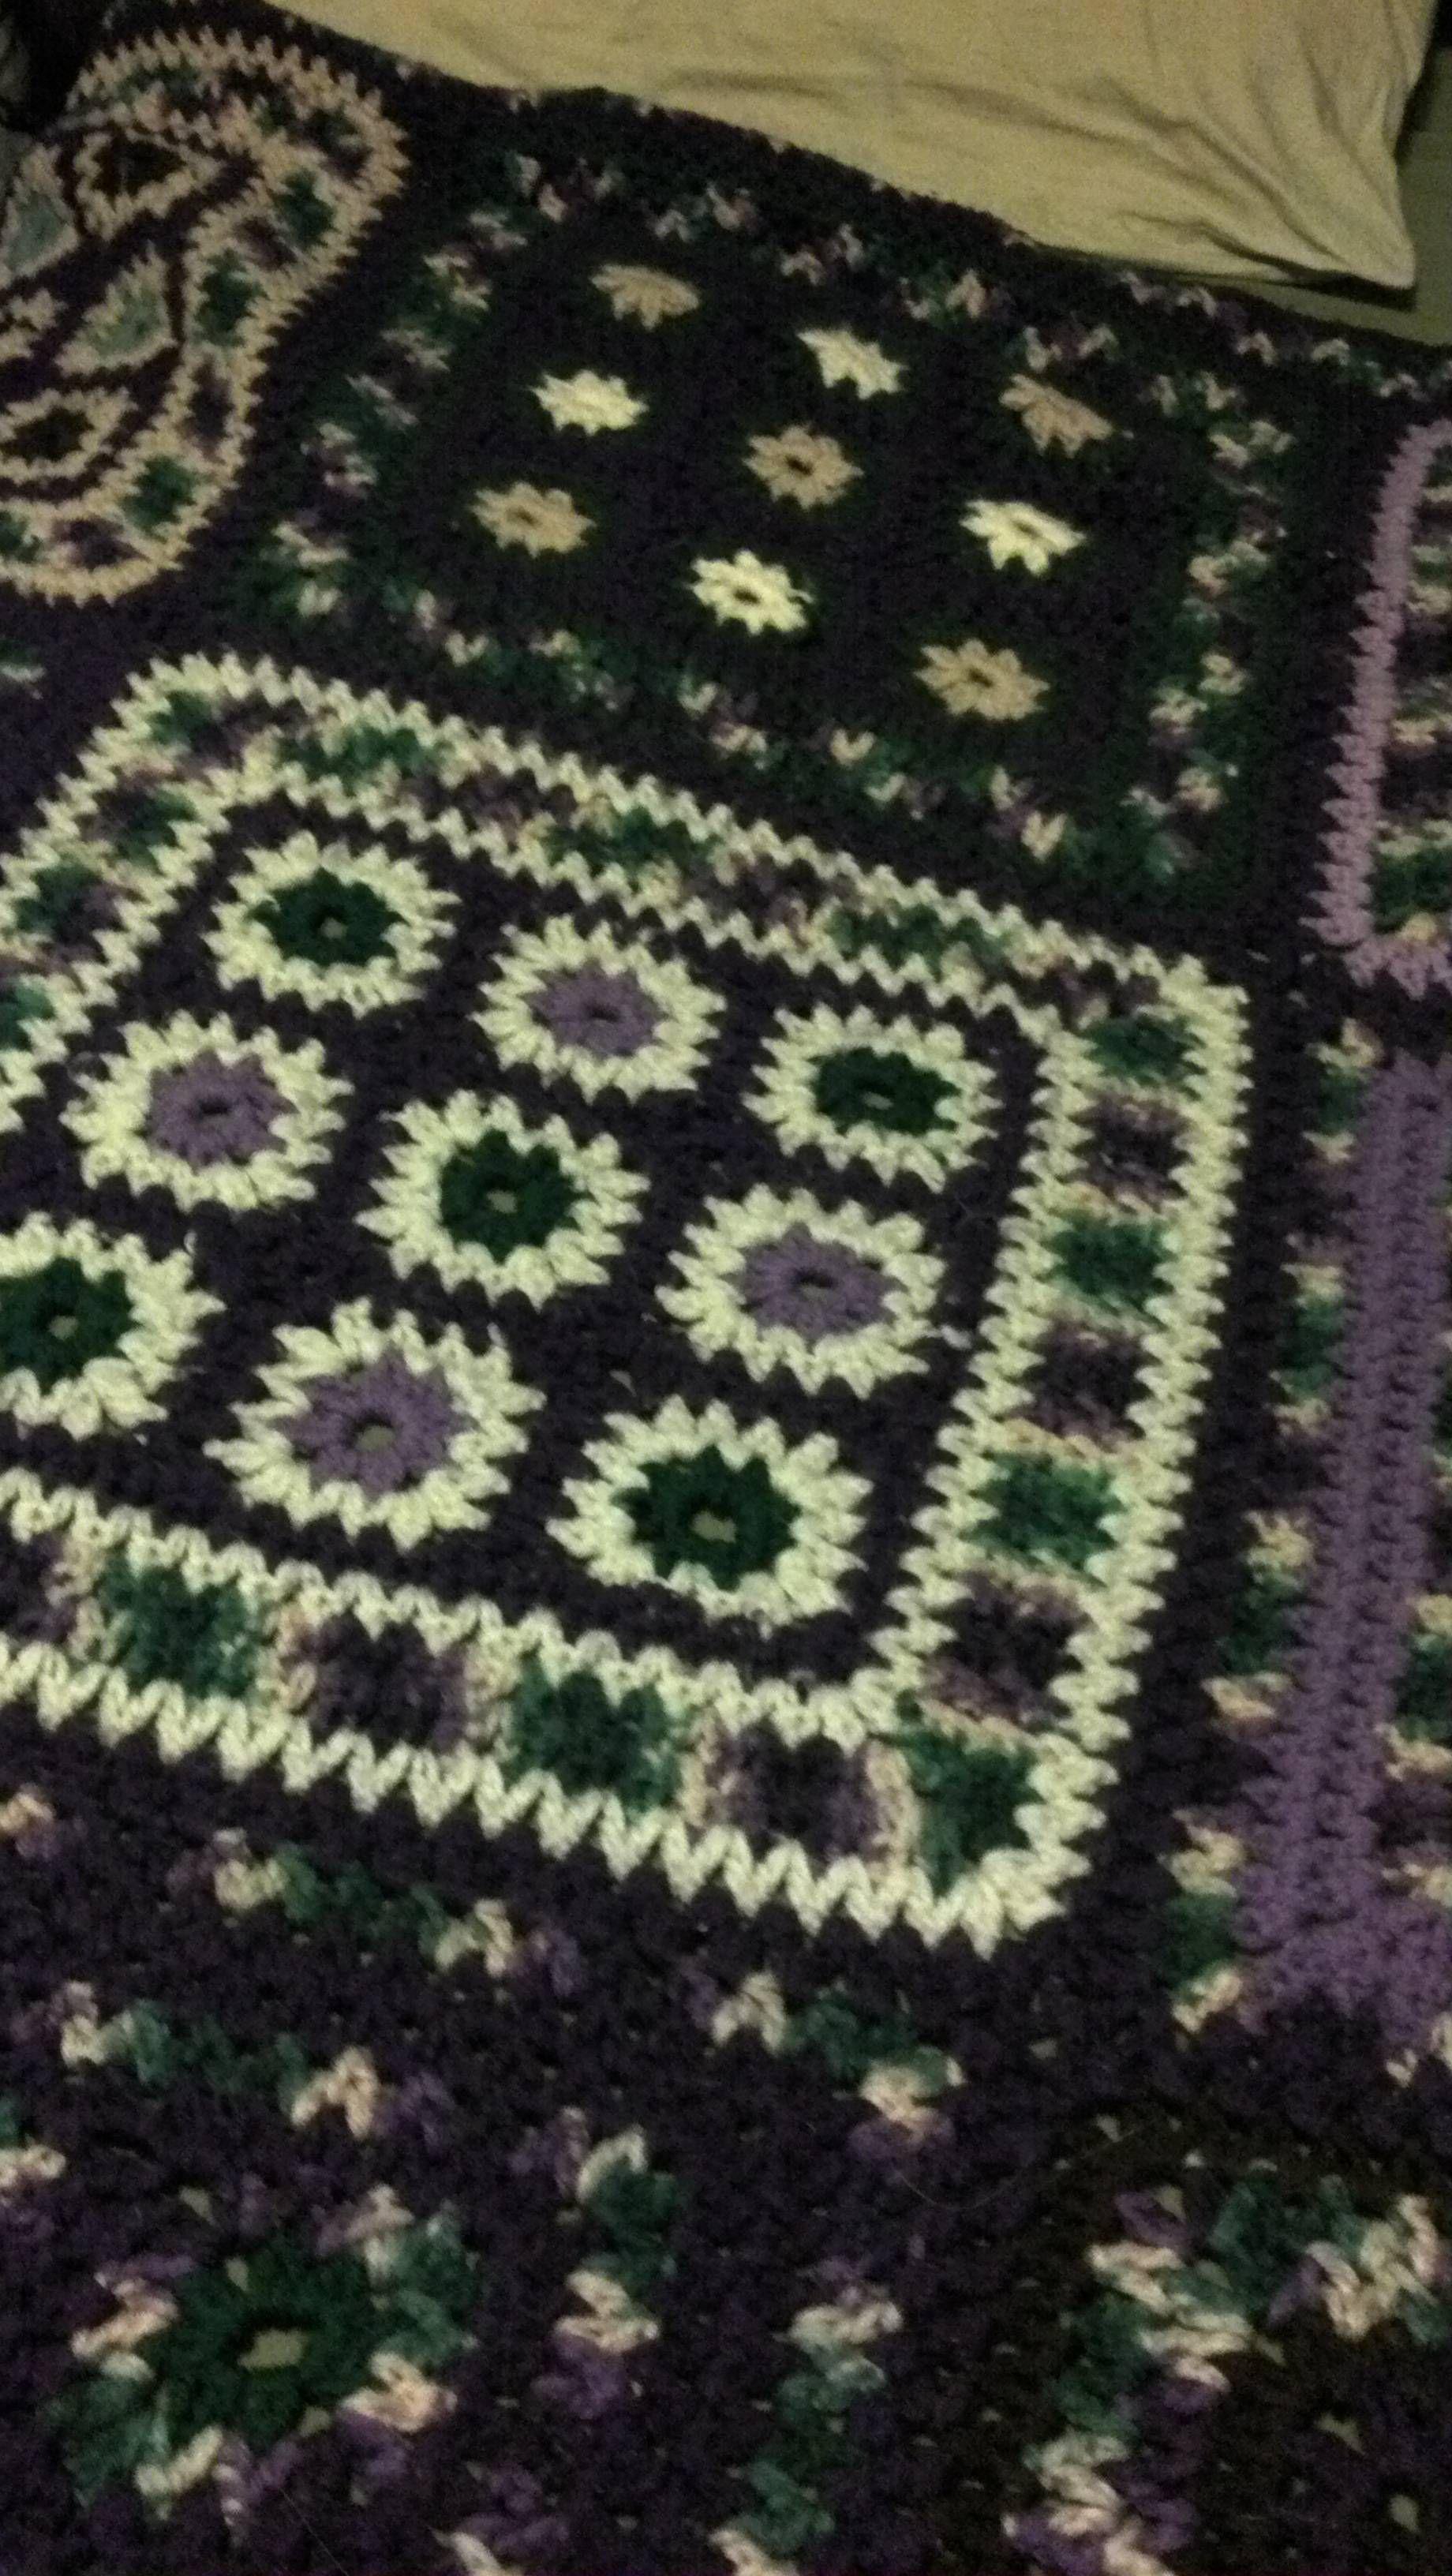 My favorite crocheted afghan | Jardines y suculentas | Pinterest ...